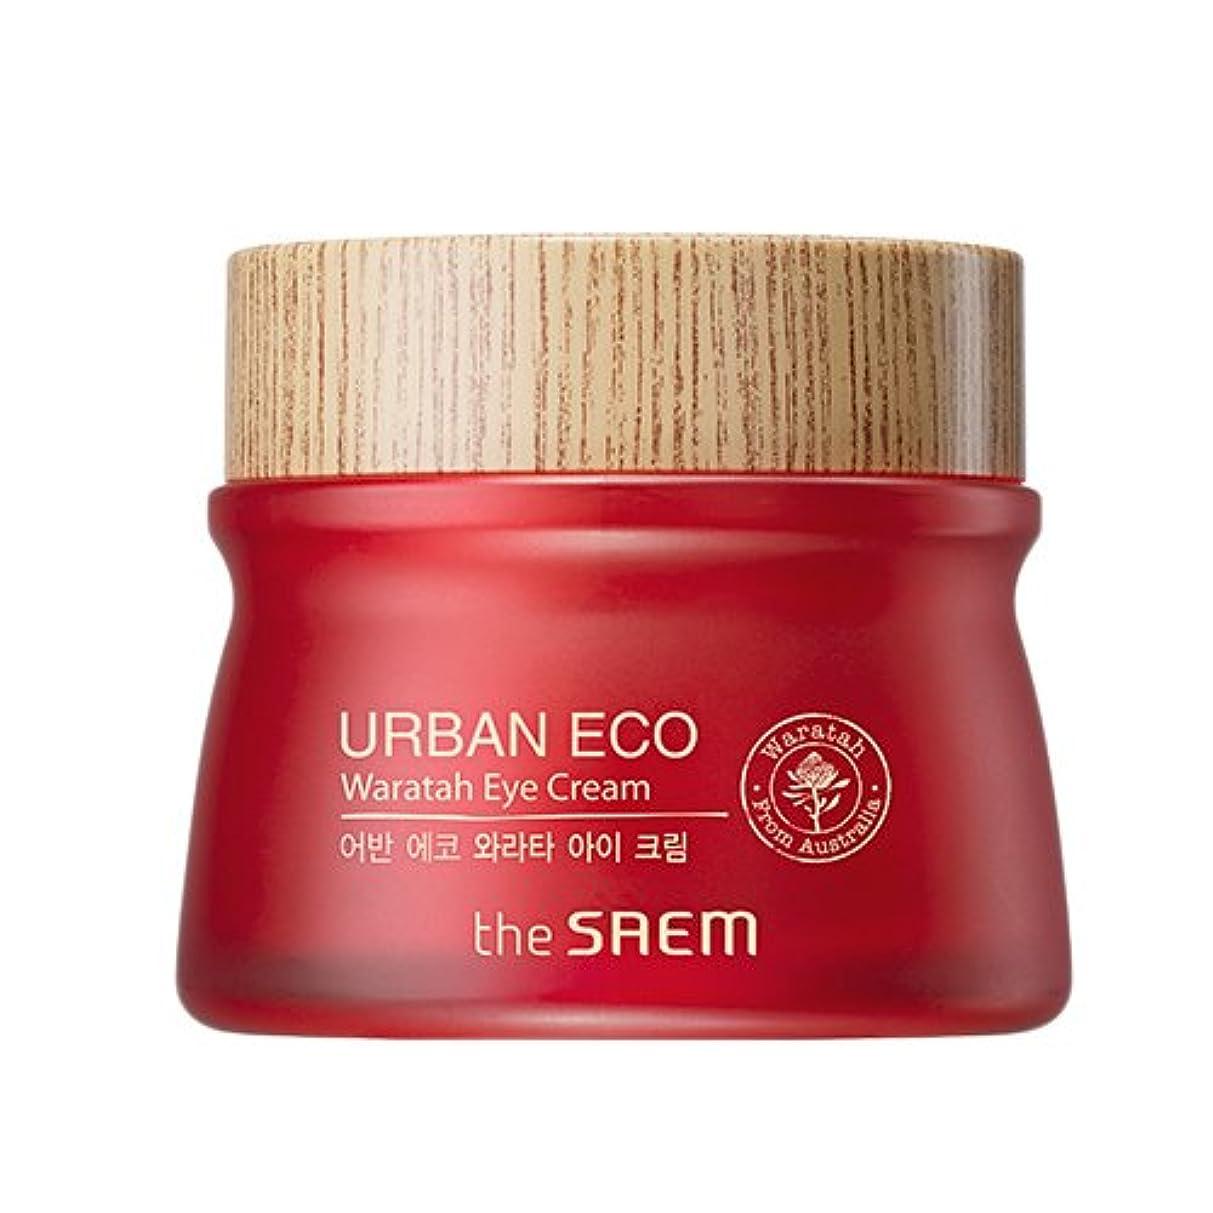 凝縮するまっすぐ考古学的なドセム アーバンエコワラターアイクリーム 30ml Urban Eco Waratah Eye Cream [並行輸入品]